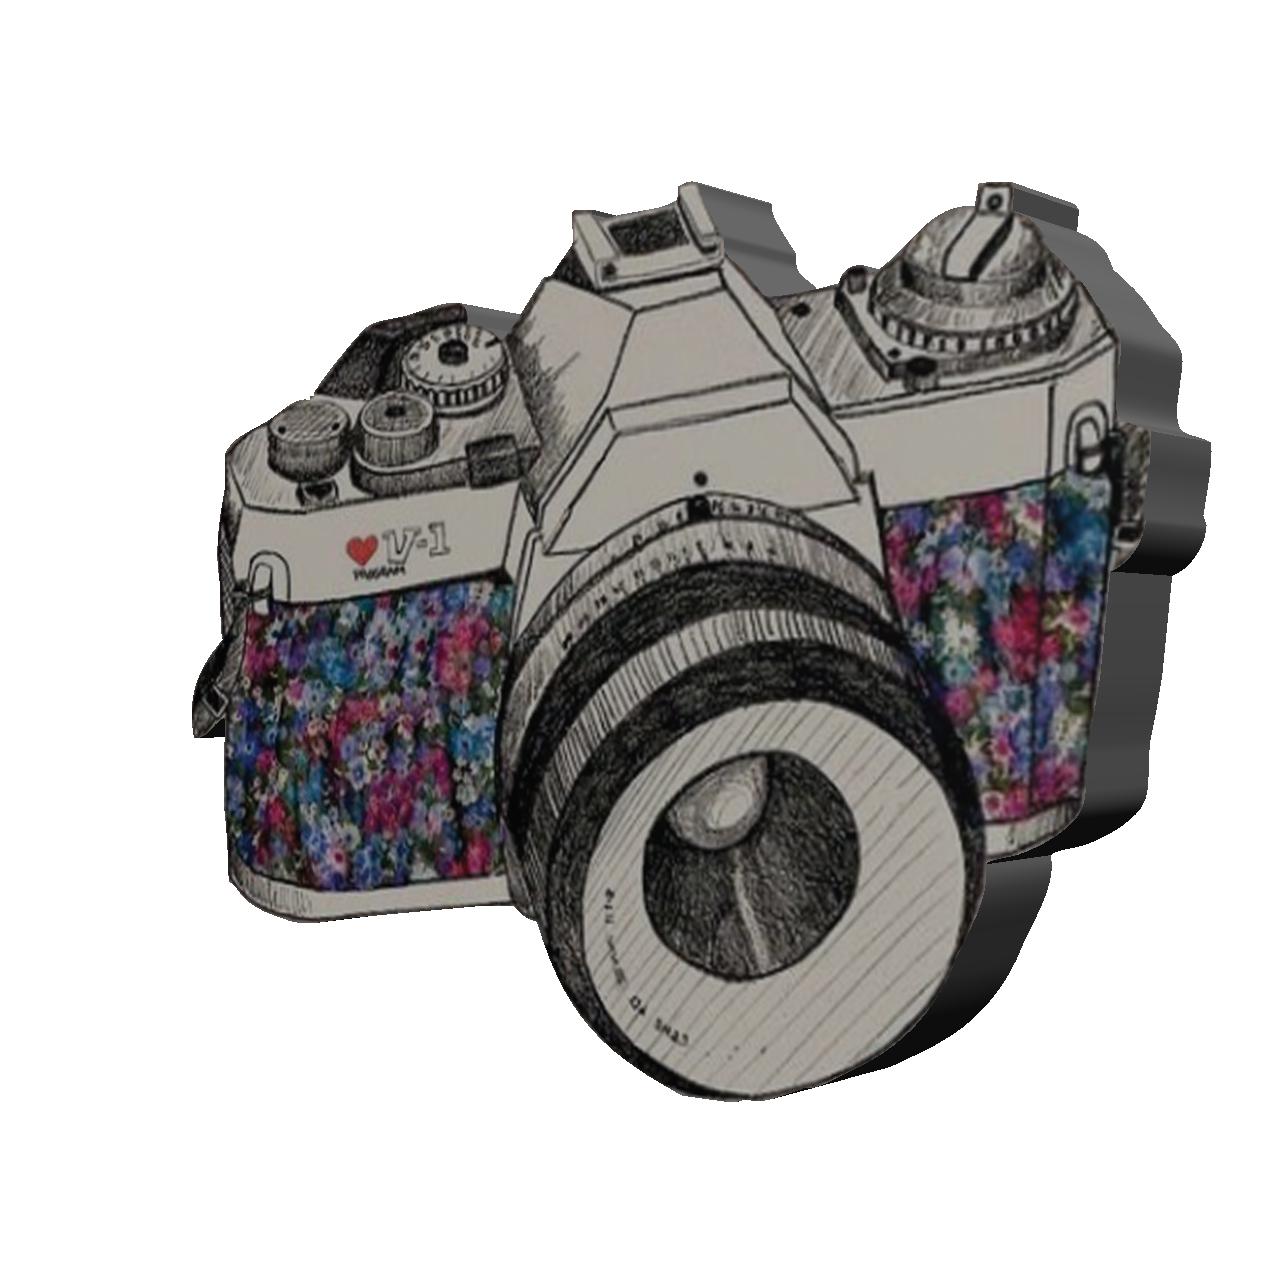 پیکسل طرح دوربین Olympus